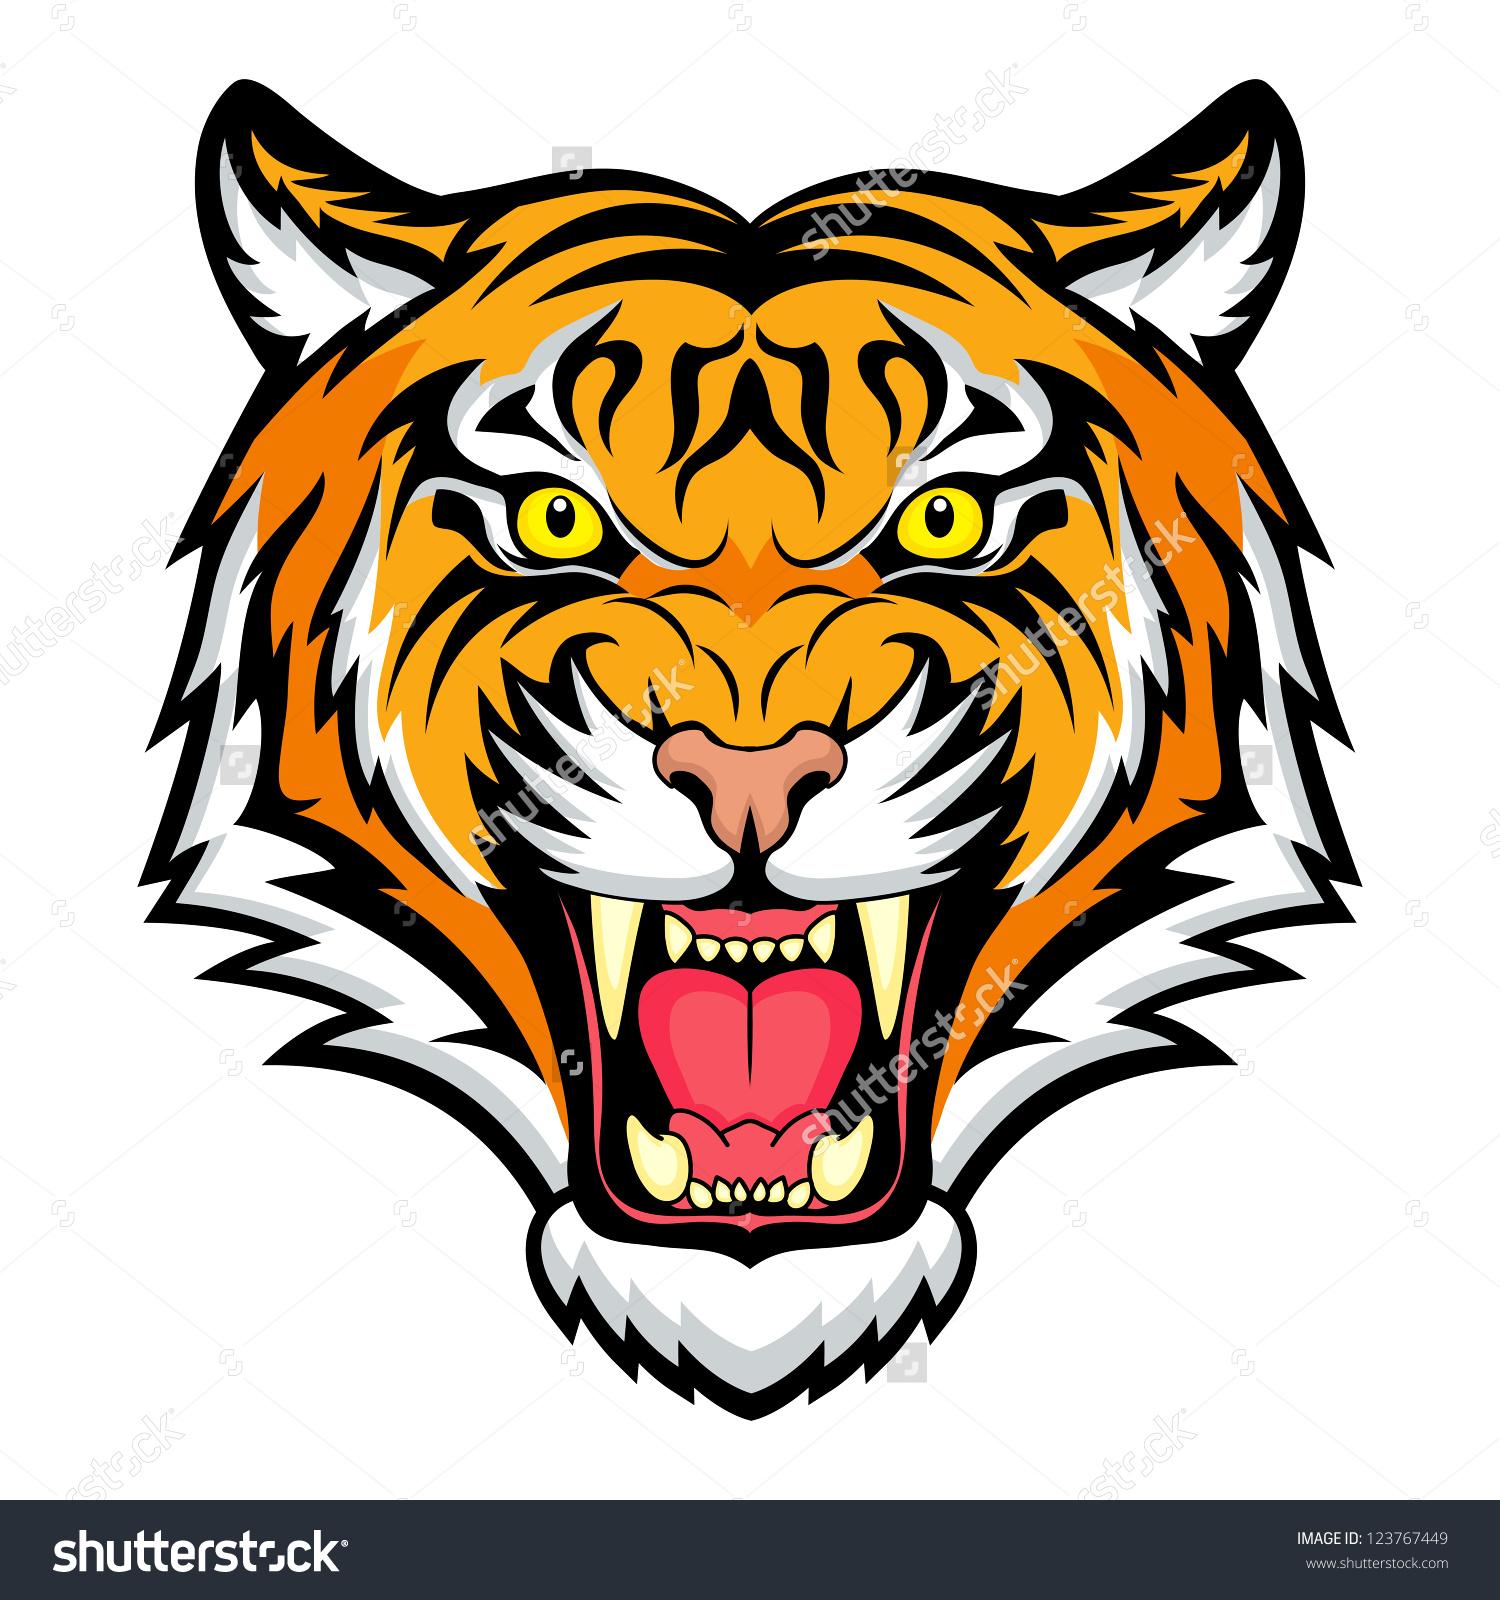 1500x1600 Tiger Anger. Vector Illustration Of A Tiger Head.